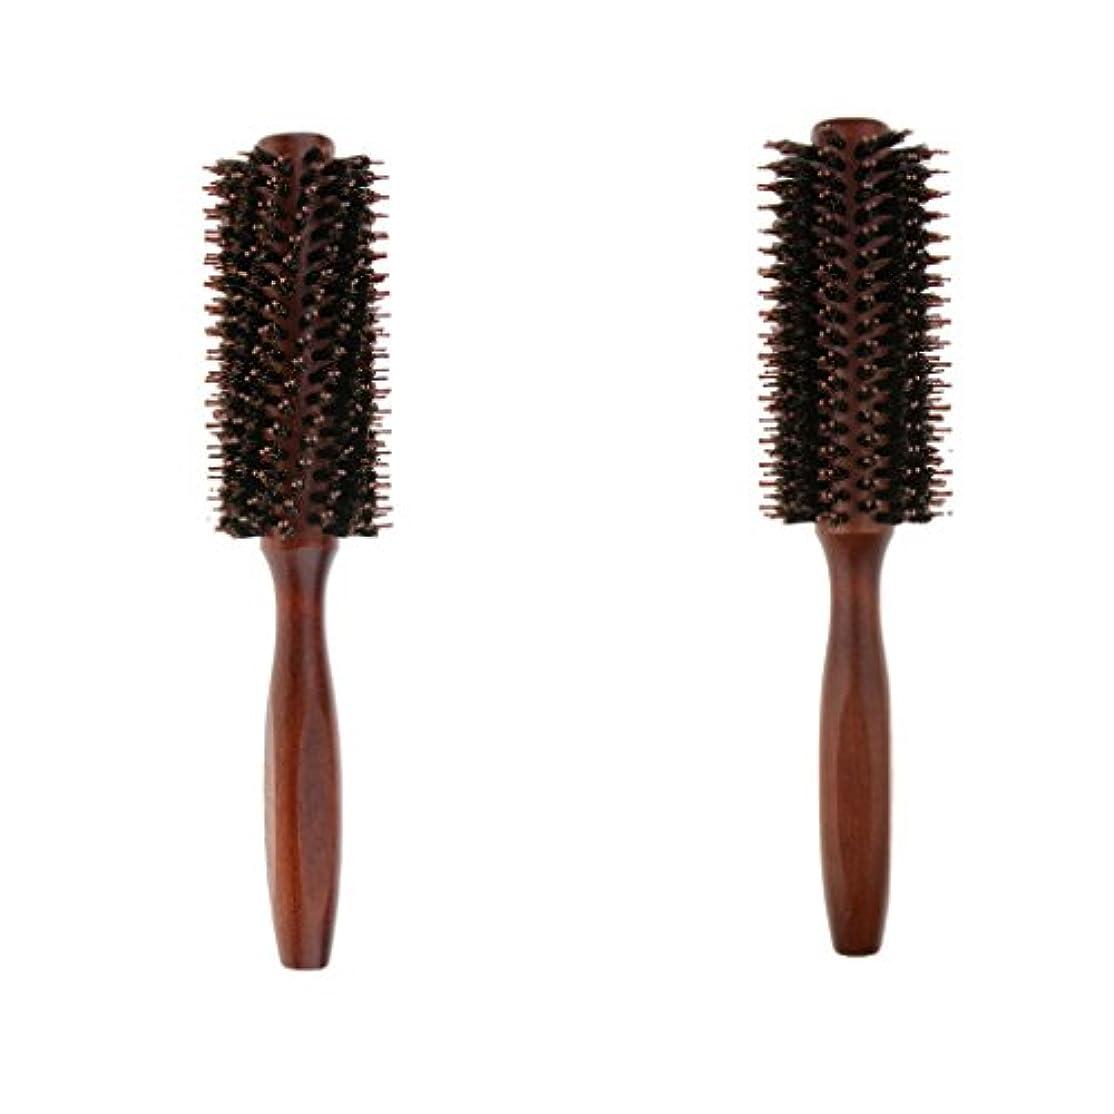 静的消費者ジョグ2個 ロールブラシ ヘアブラシ ヘアカラーリング用 木製櫛 静電気防止 耐熱コーム 巻き髪